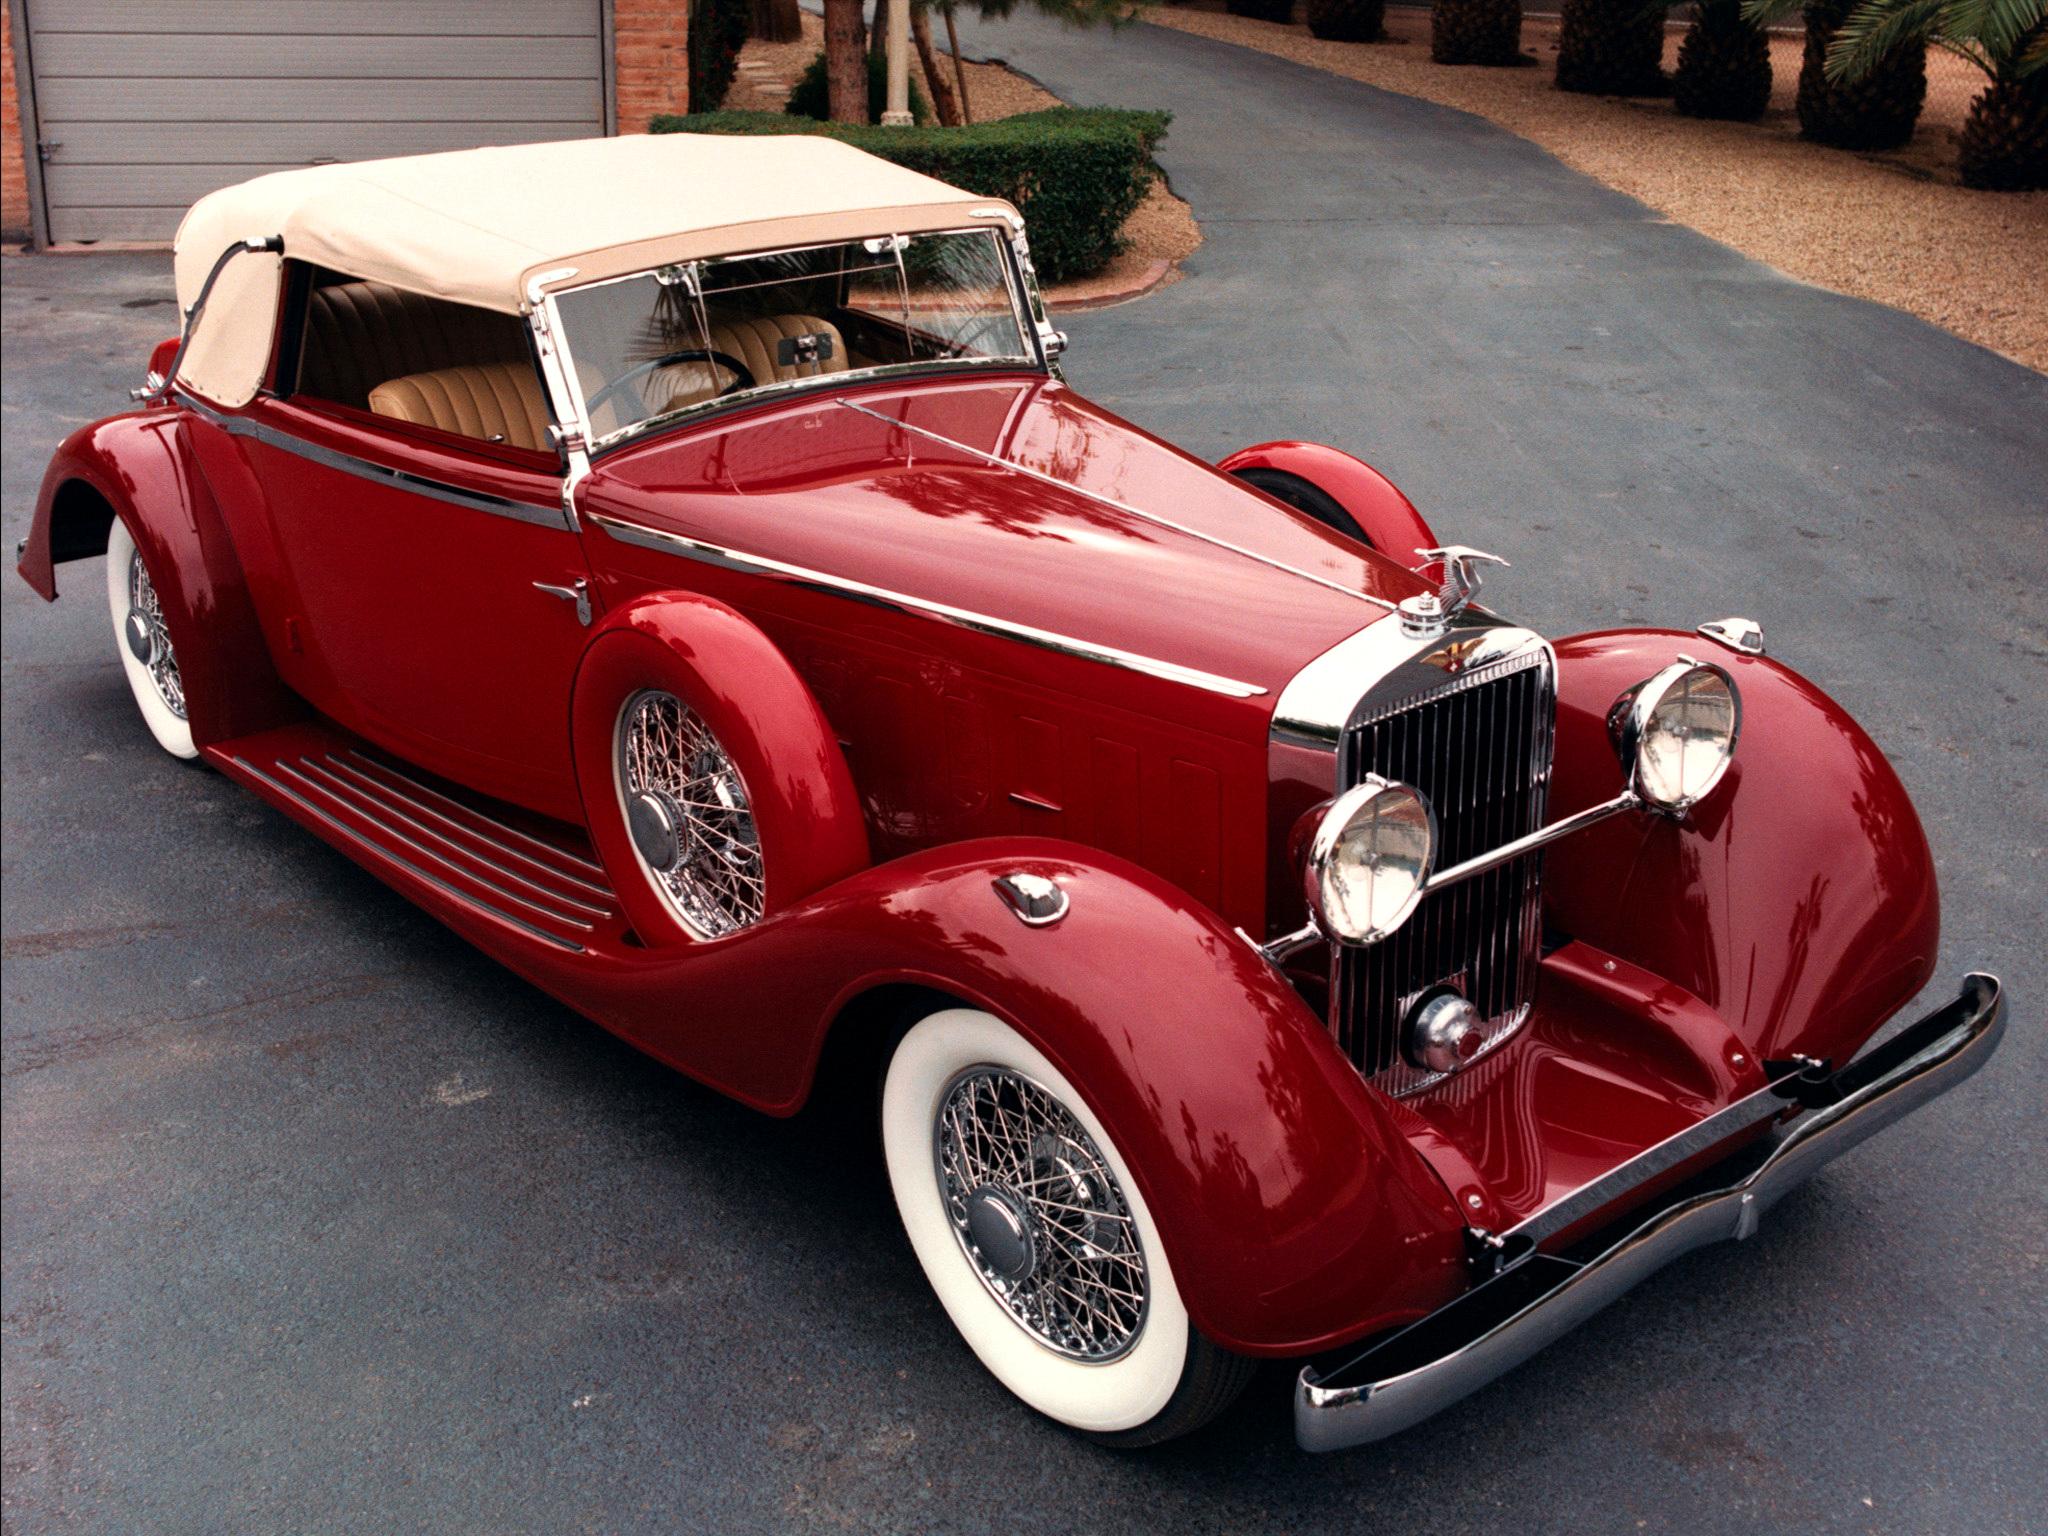 Hispano-Suiza K6 1934 - 1937 Cabriolet #3